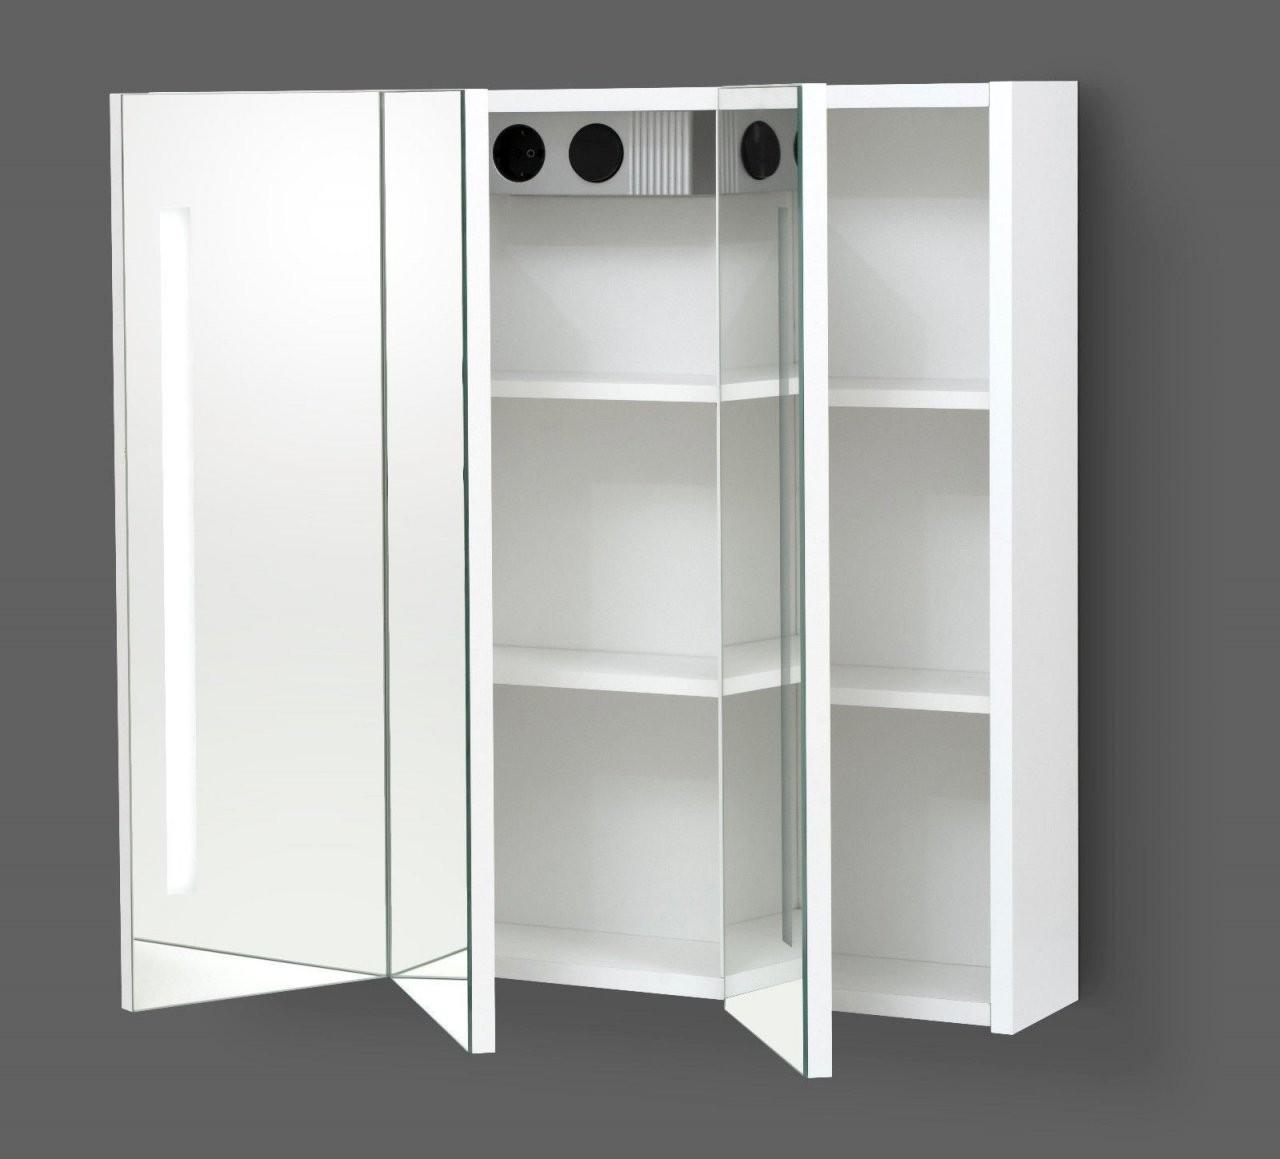 Spiegelschrank Mit Led Beleuchtung 90 Cm – Möbel Shop von Spiegelschränke Mit Led Beleuchtung Photo